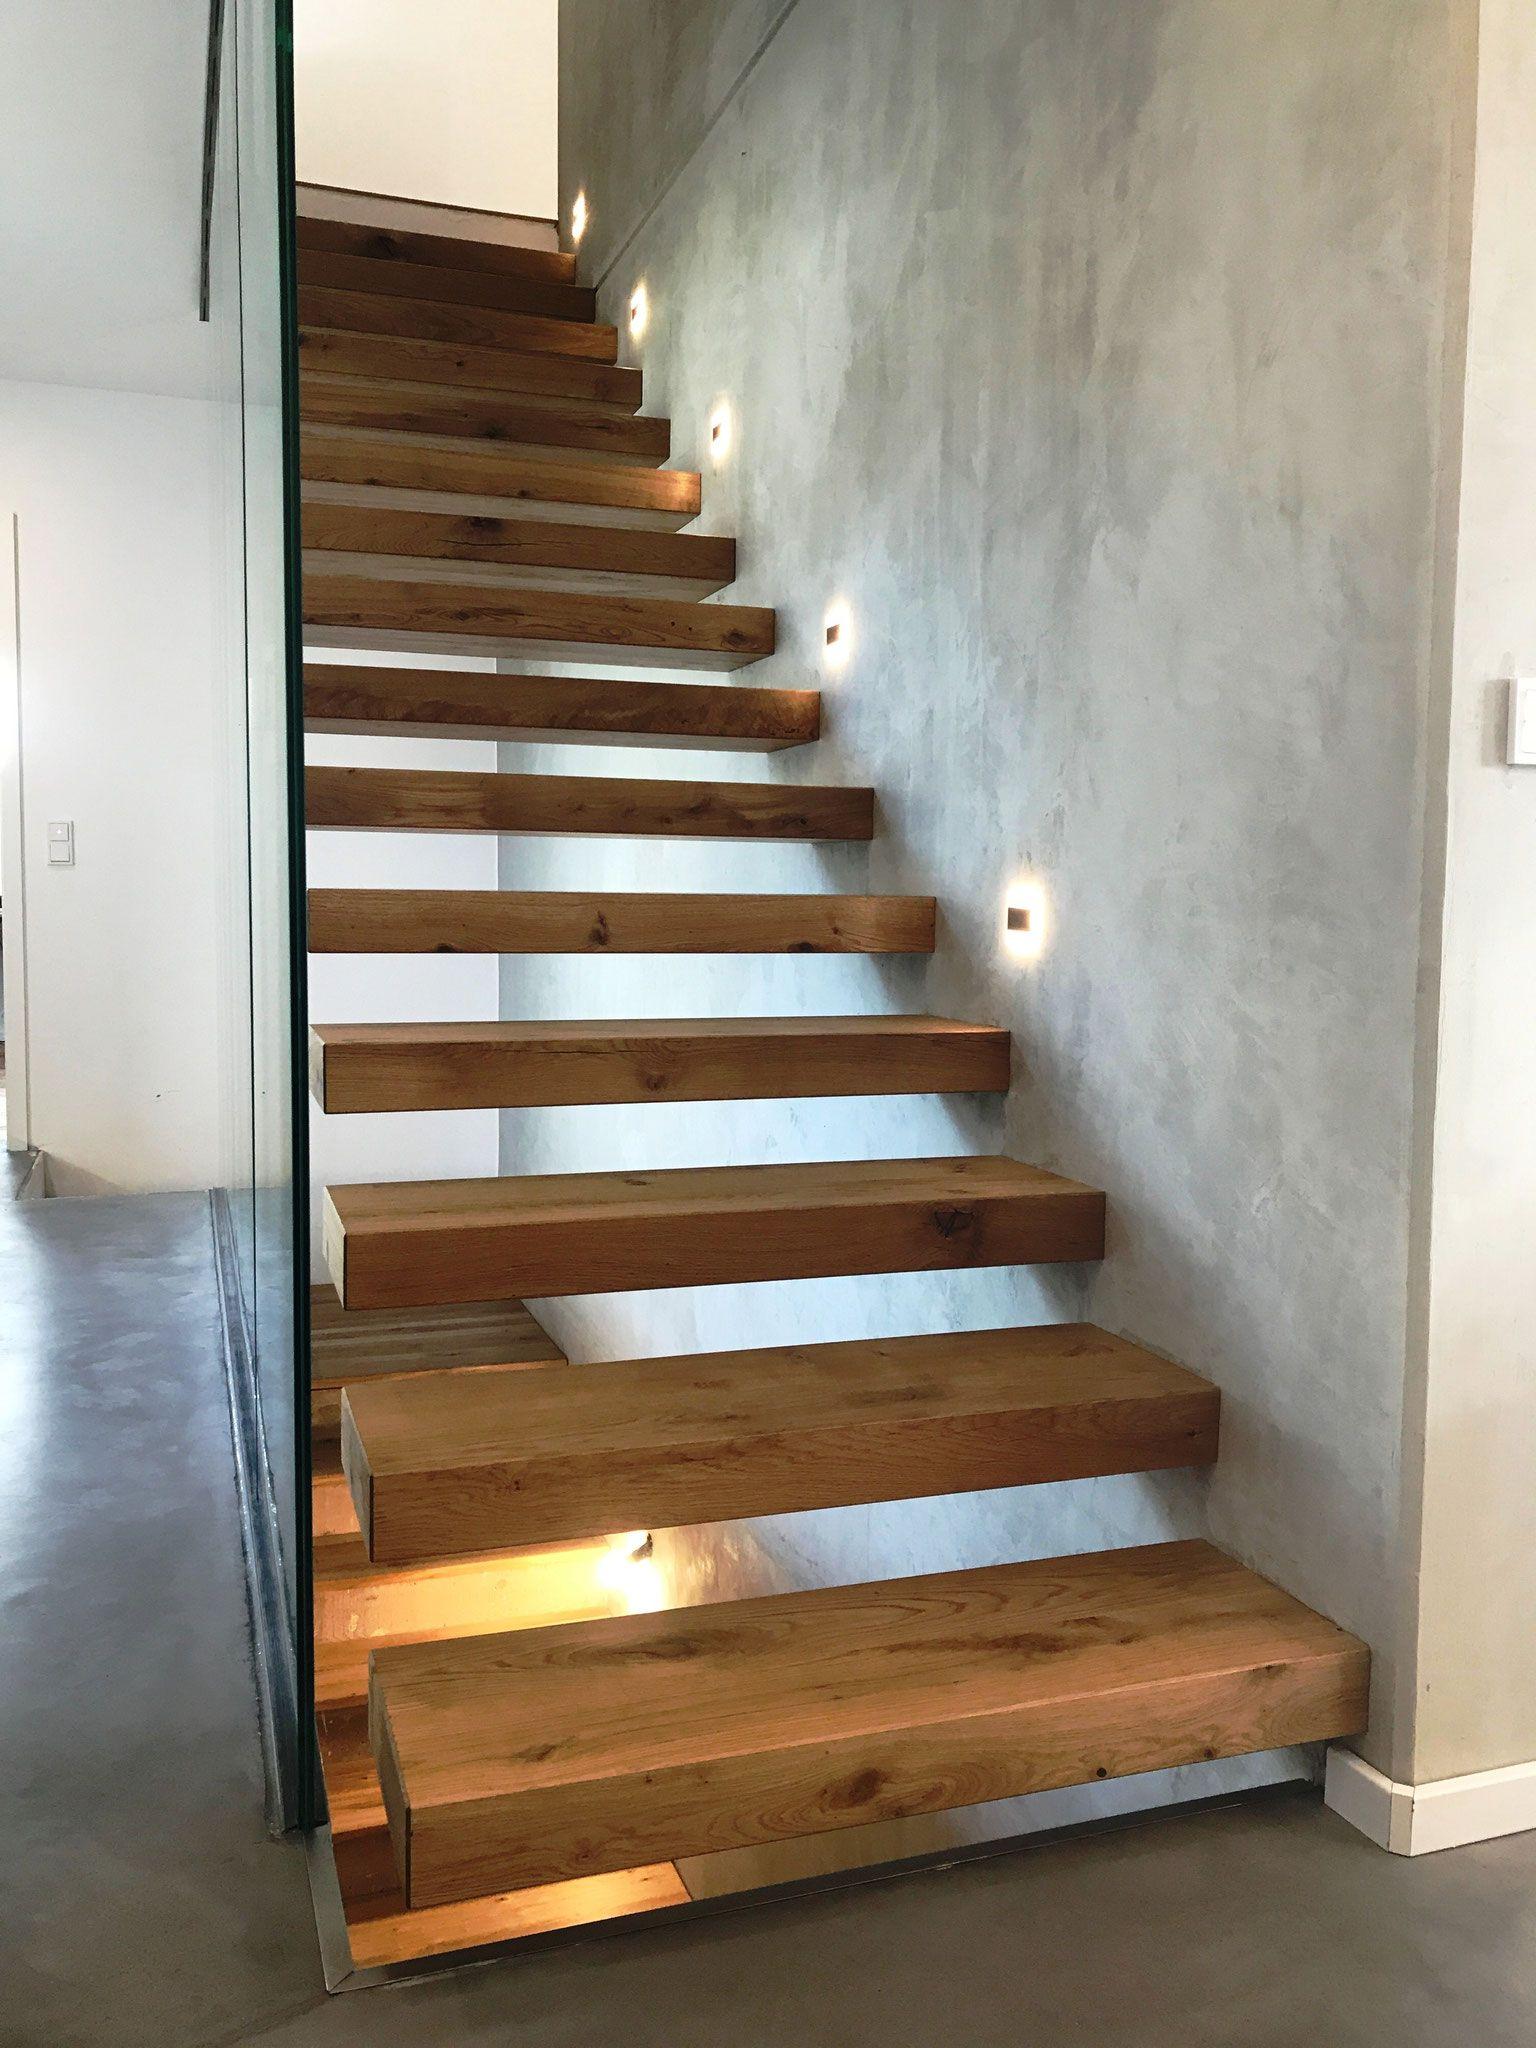 EscadasBild von Ricardo Carrera in 2020 Kragarmtreppe